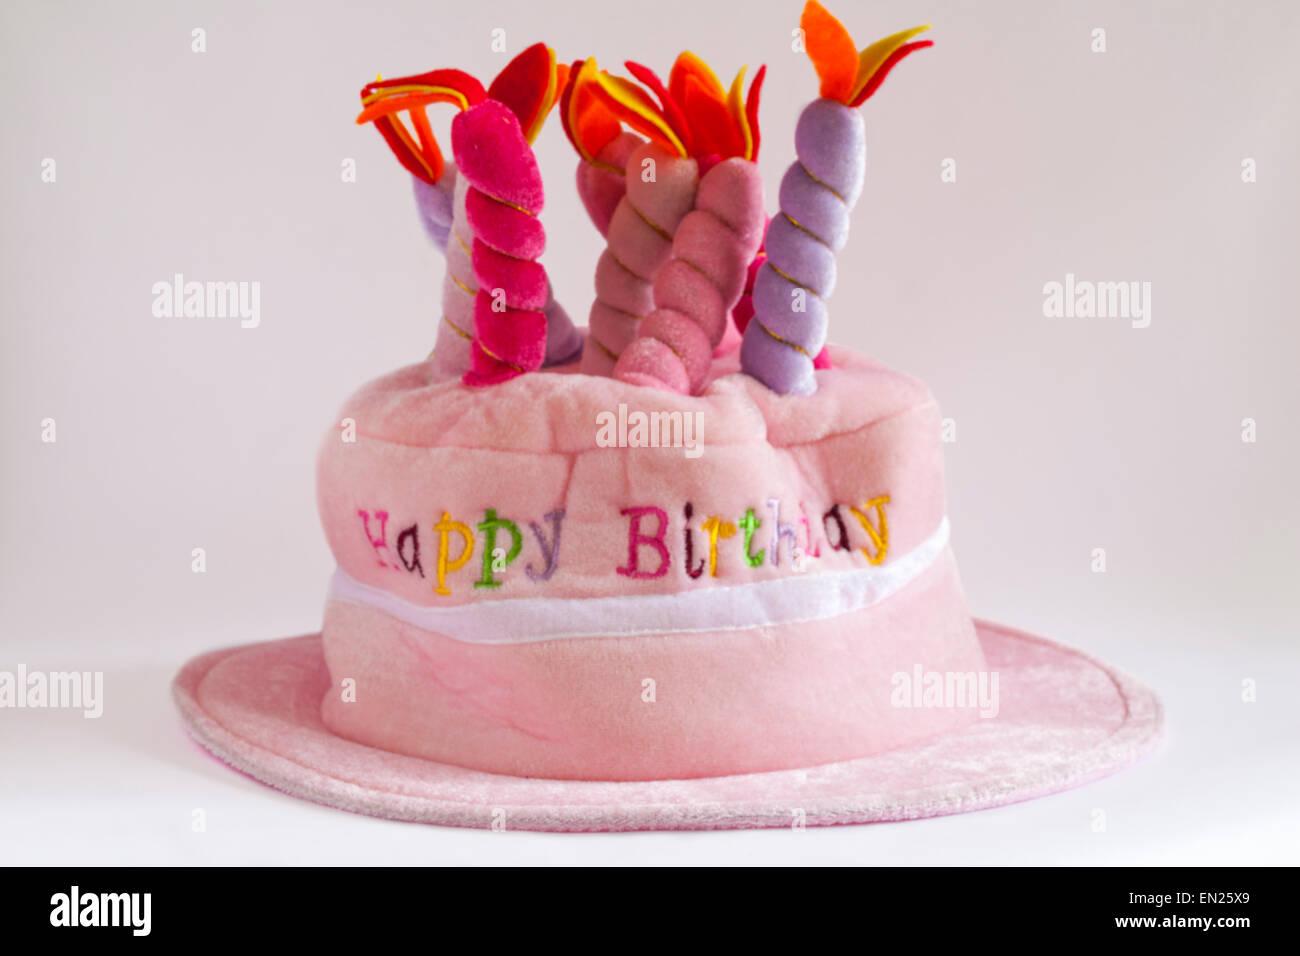 Happy Birthday Neuheit Hut Mit Kerzen An Der Spitze Isoliert Auf Weissem Hintergrund Stockbild